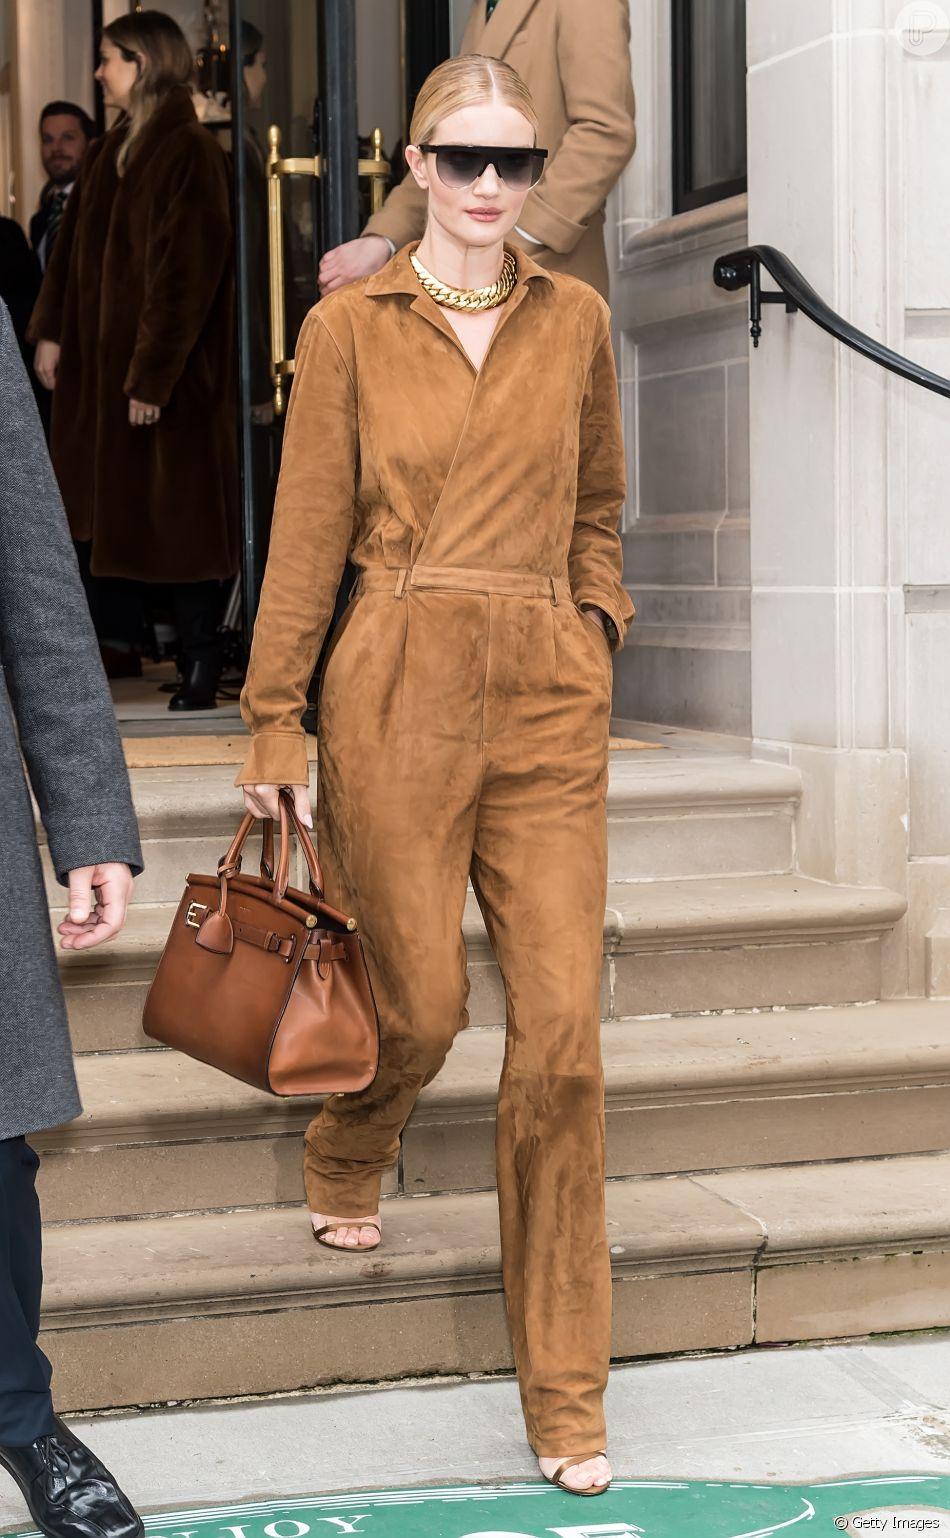 Moda de rua na NYFW: a modelo e atriz Rosie Huntington-Whiteley após o desfile de Primavera / Verão de Ralph Lauren